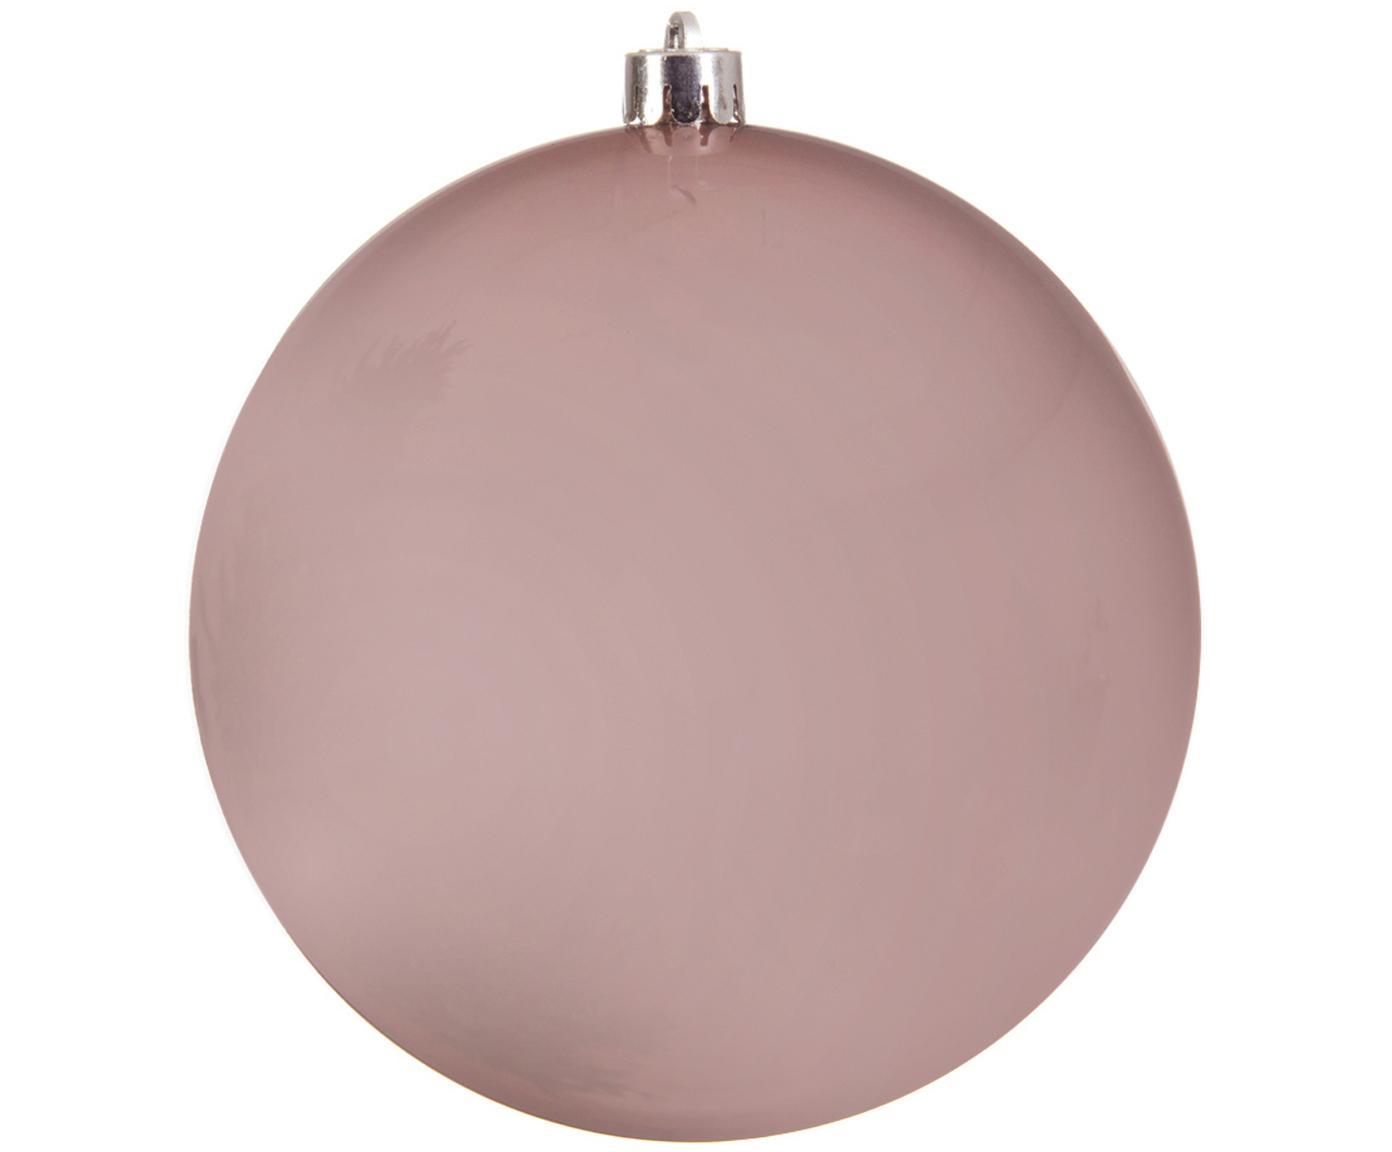 Bombka XL Minstix, Tworzywo sztuczne, Blady różowy, Ø 20 cm